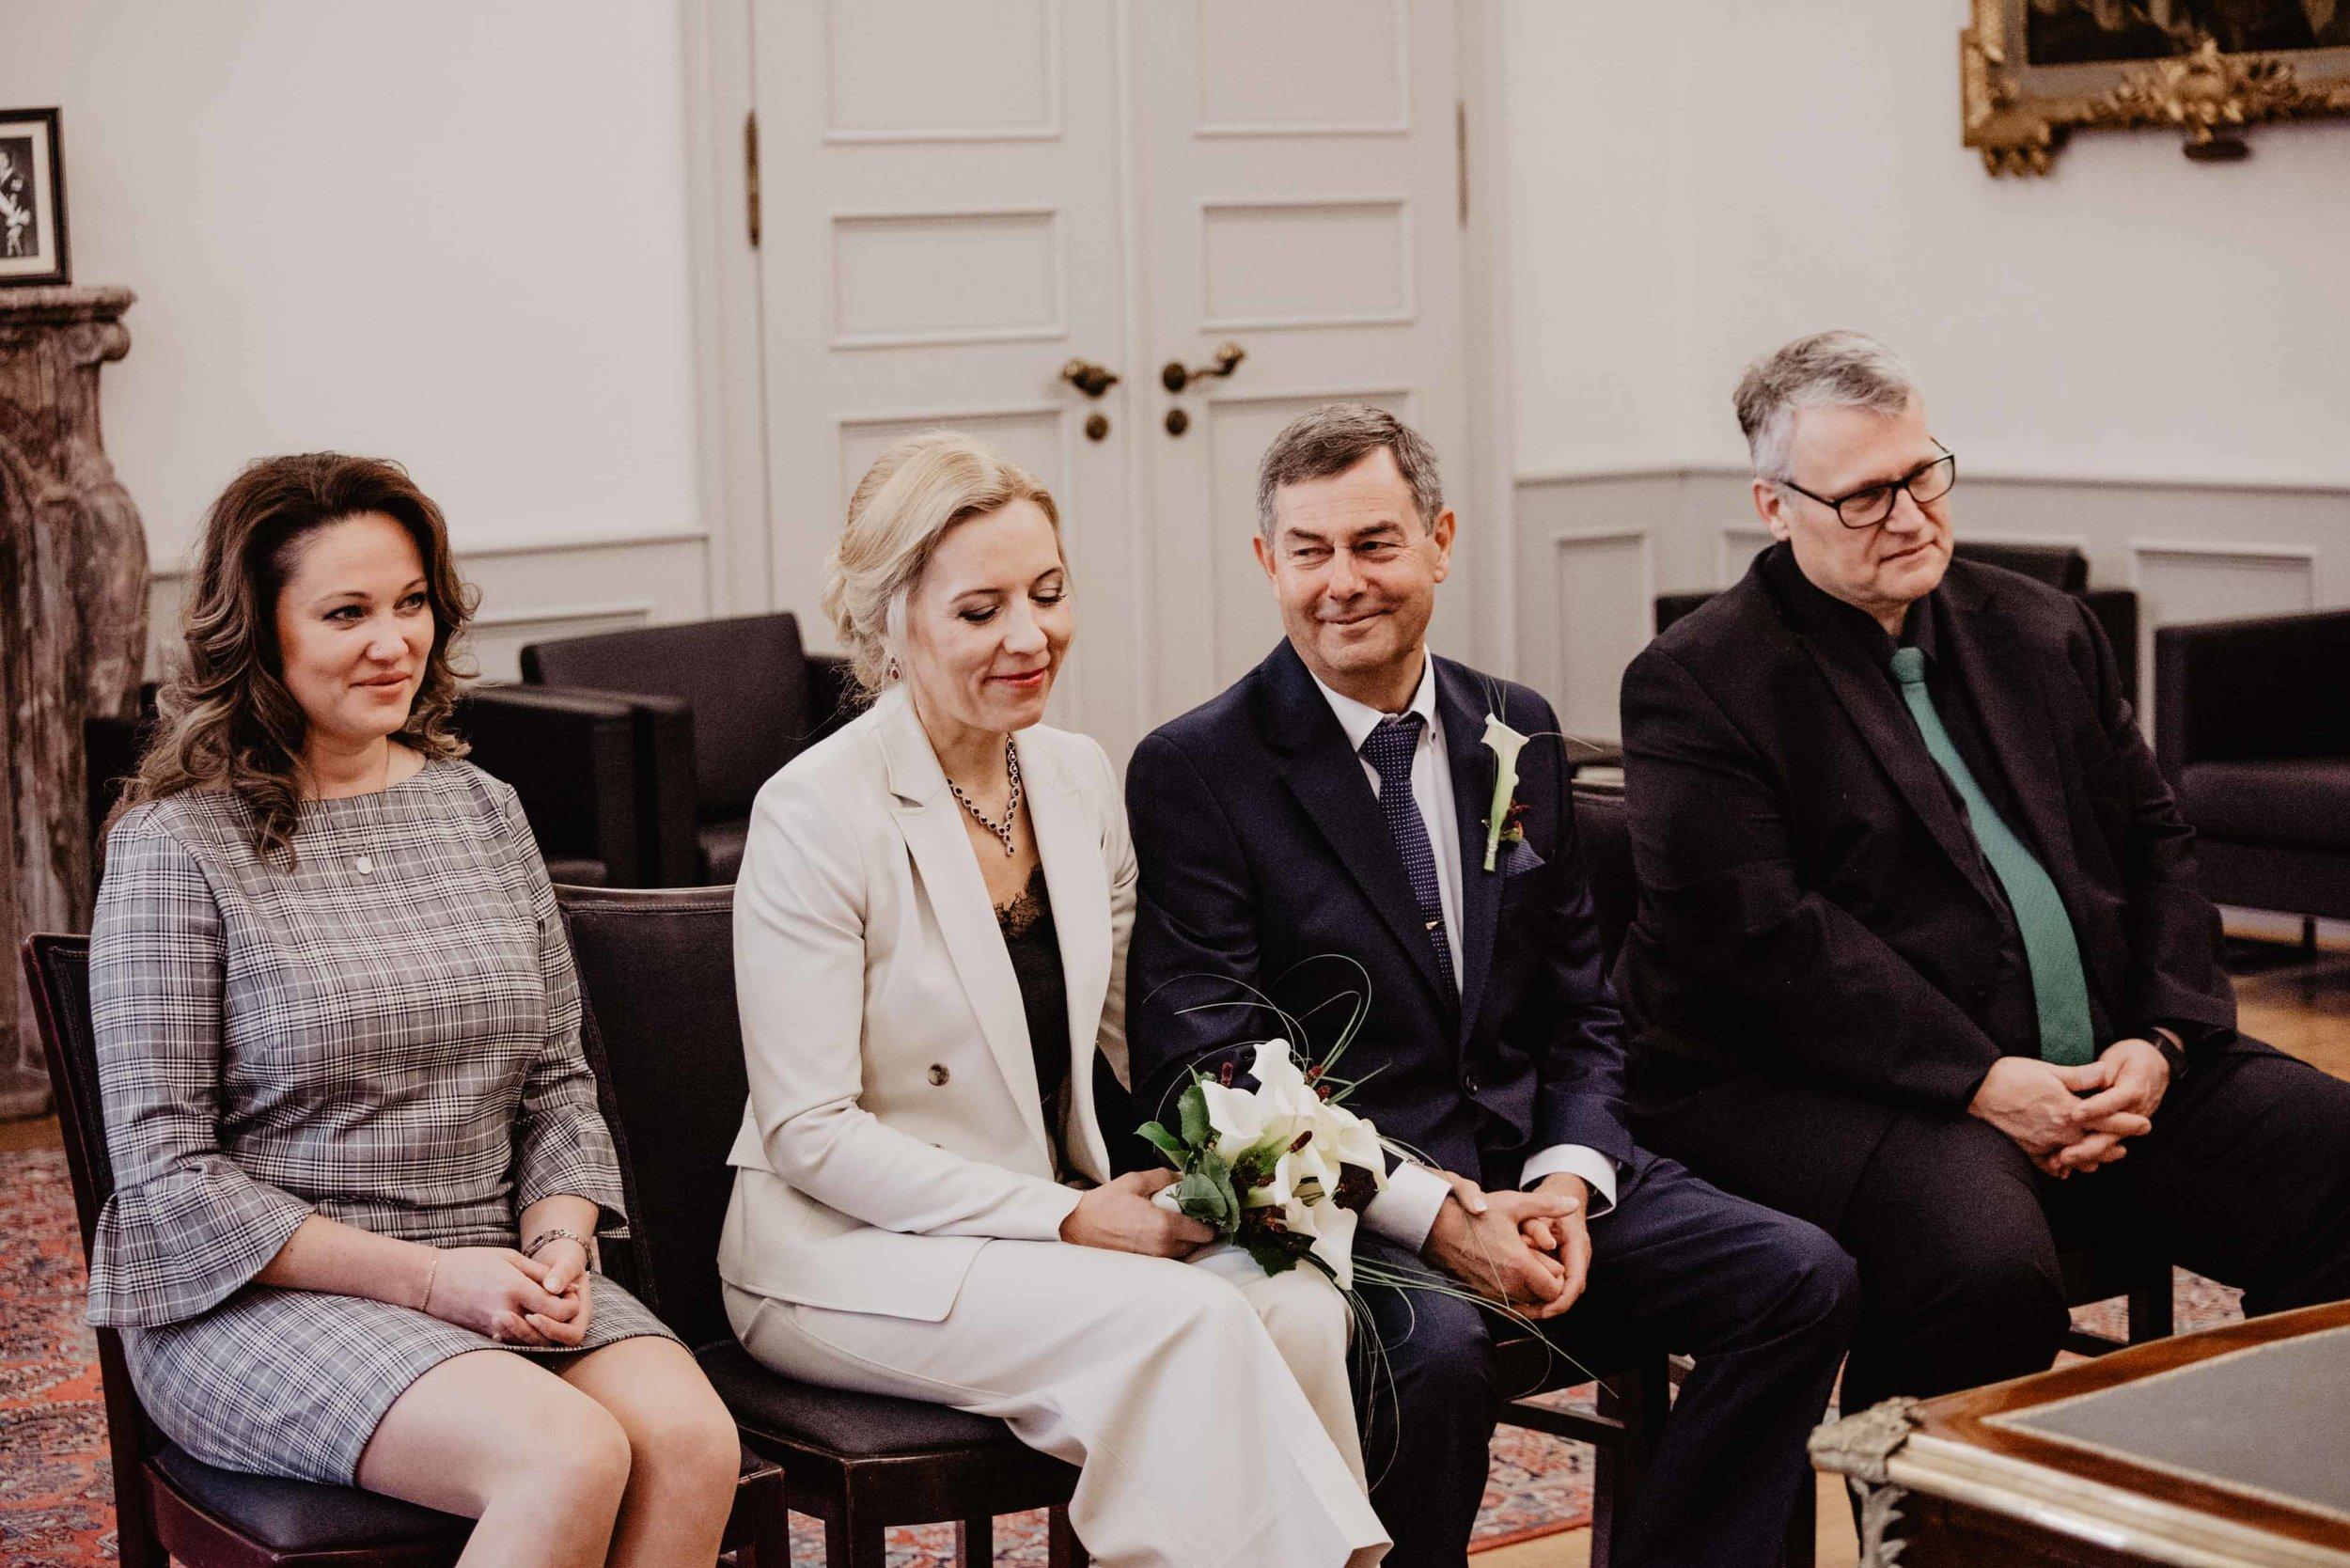 Hochzeit Standesamt Bonn by Lucy Wedding Photography-29.jpg